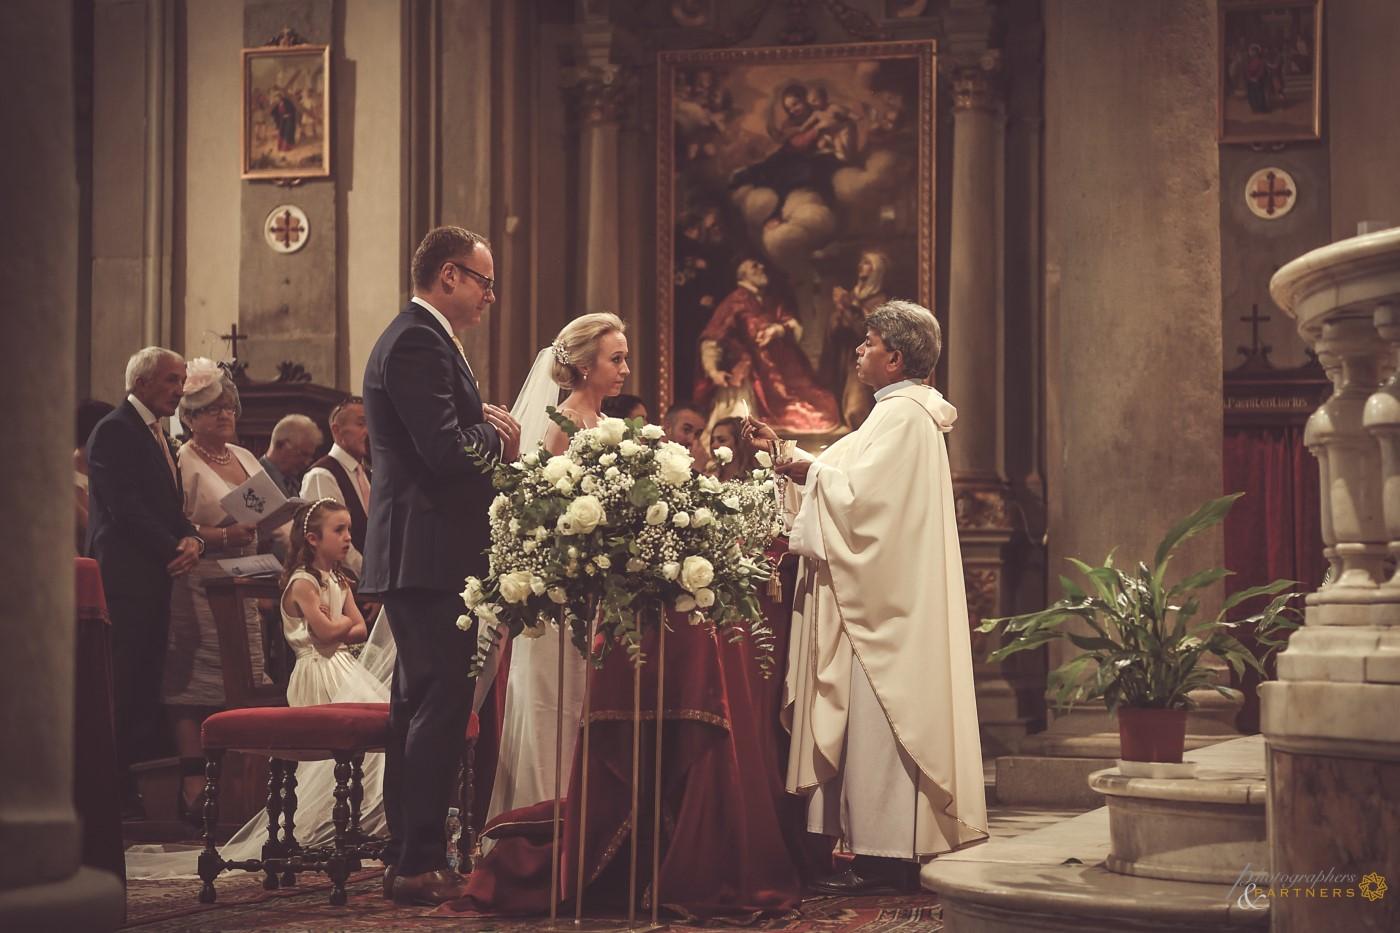 Religious sacrament.